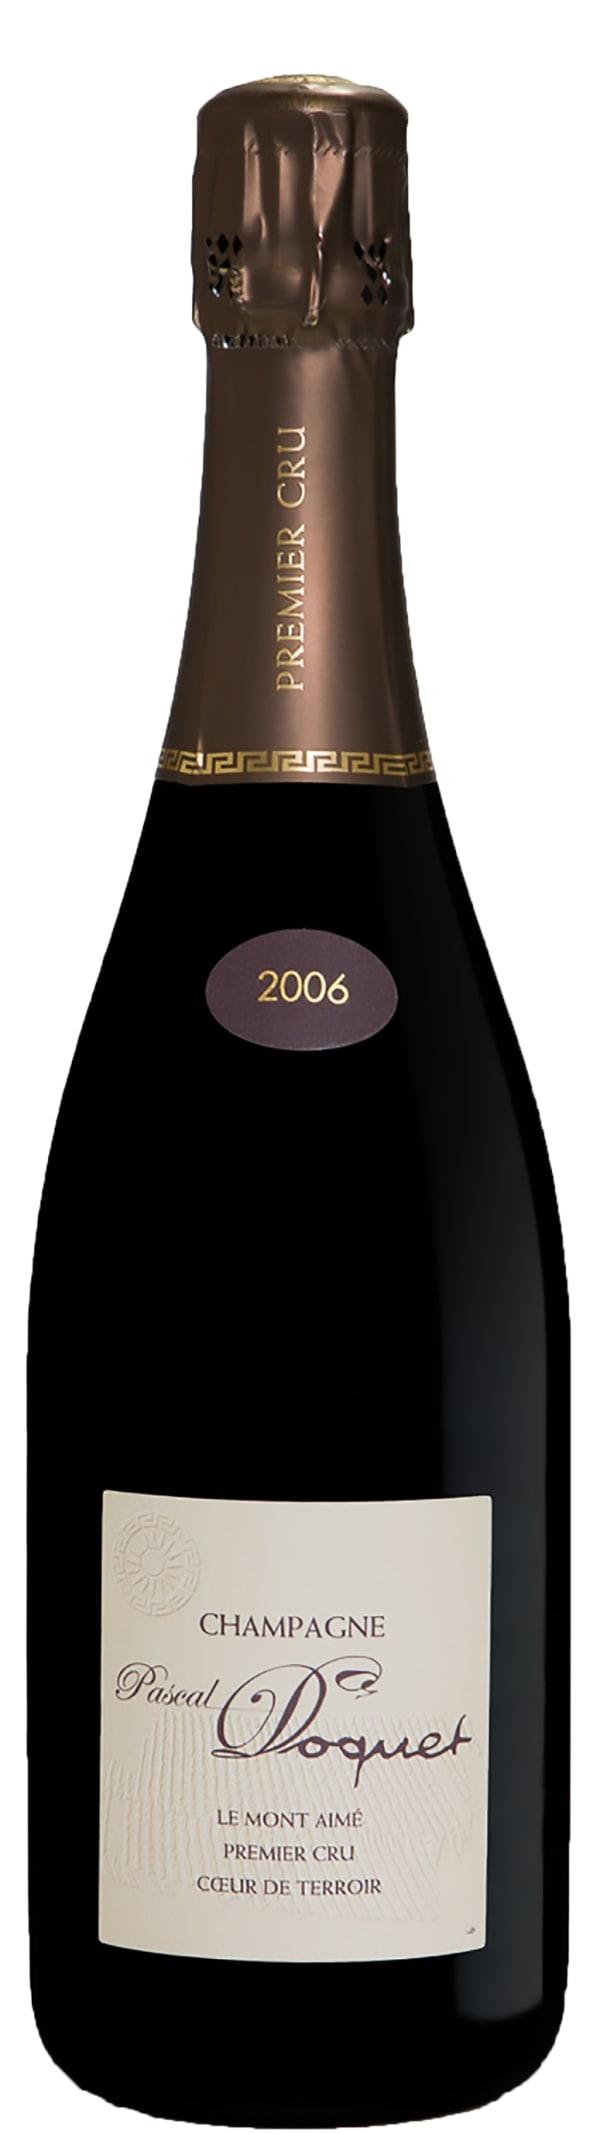 Pascal Doquet Coeur de Terroir Le Mont Aimé 1er Cru Champagne Brut 2006